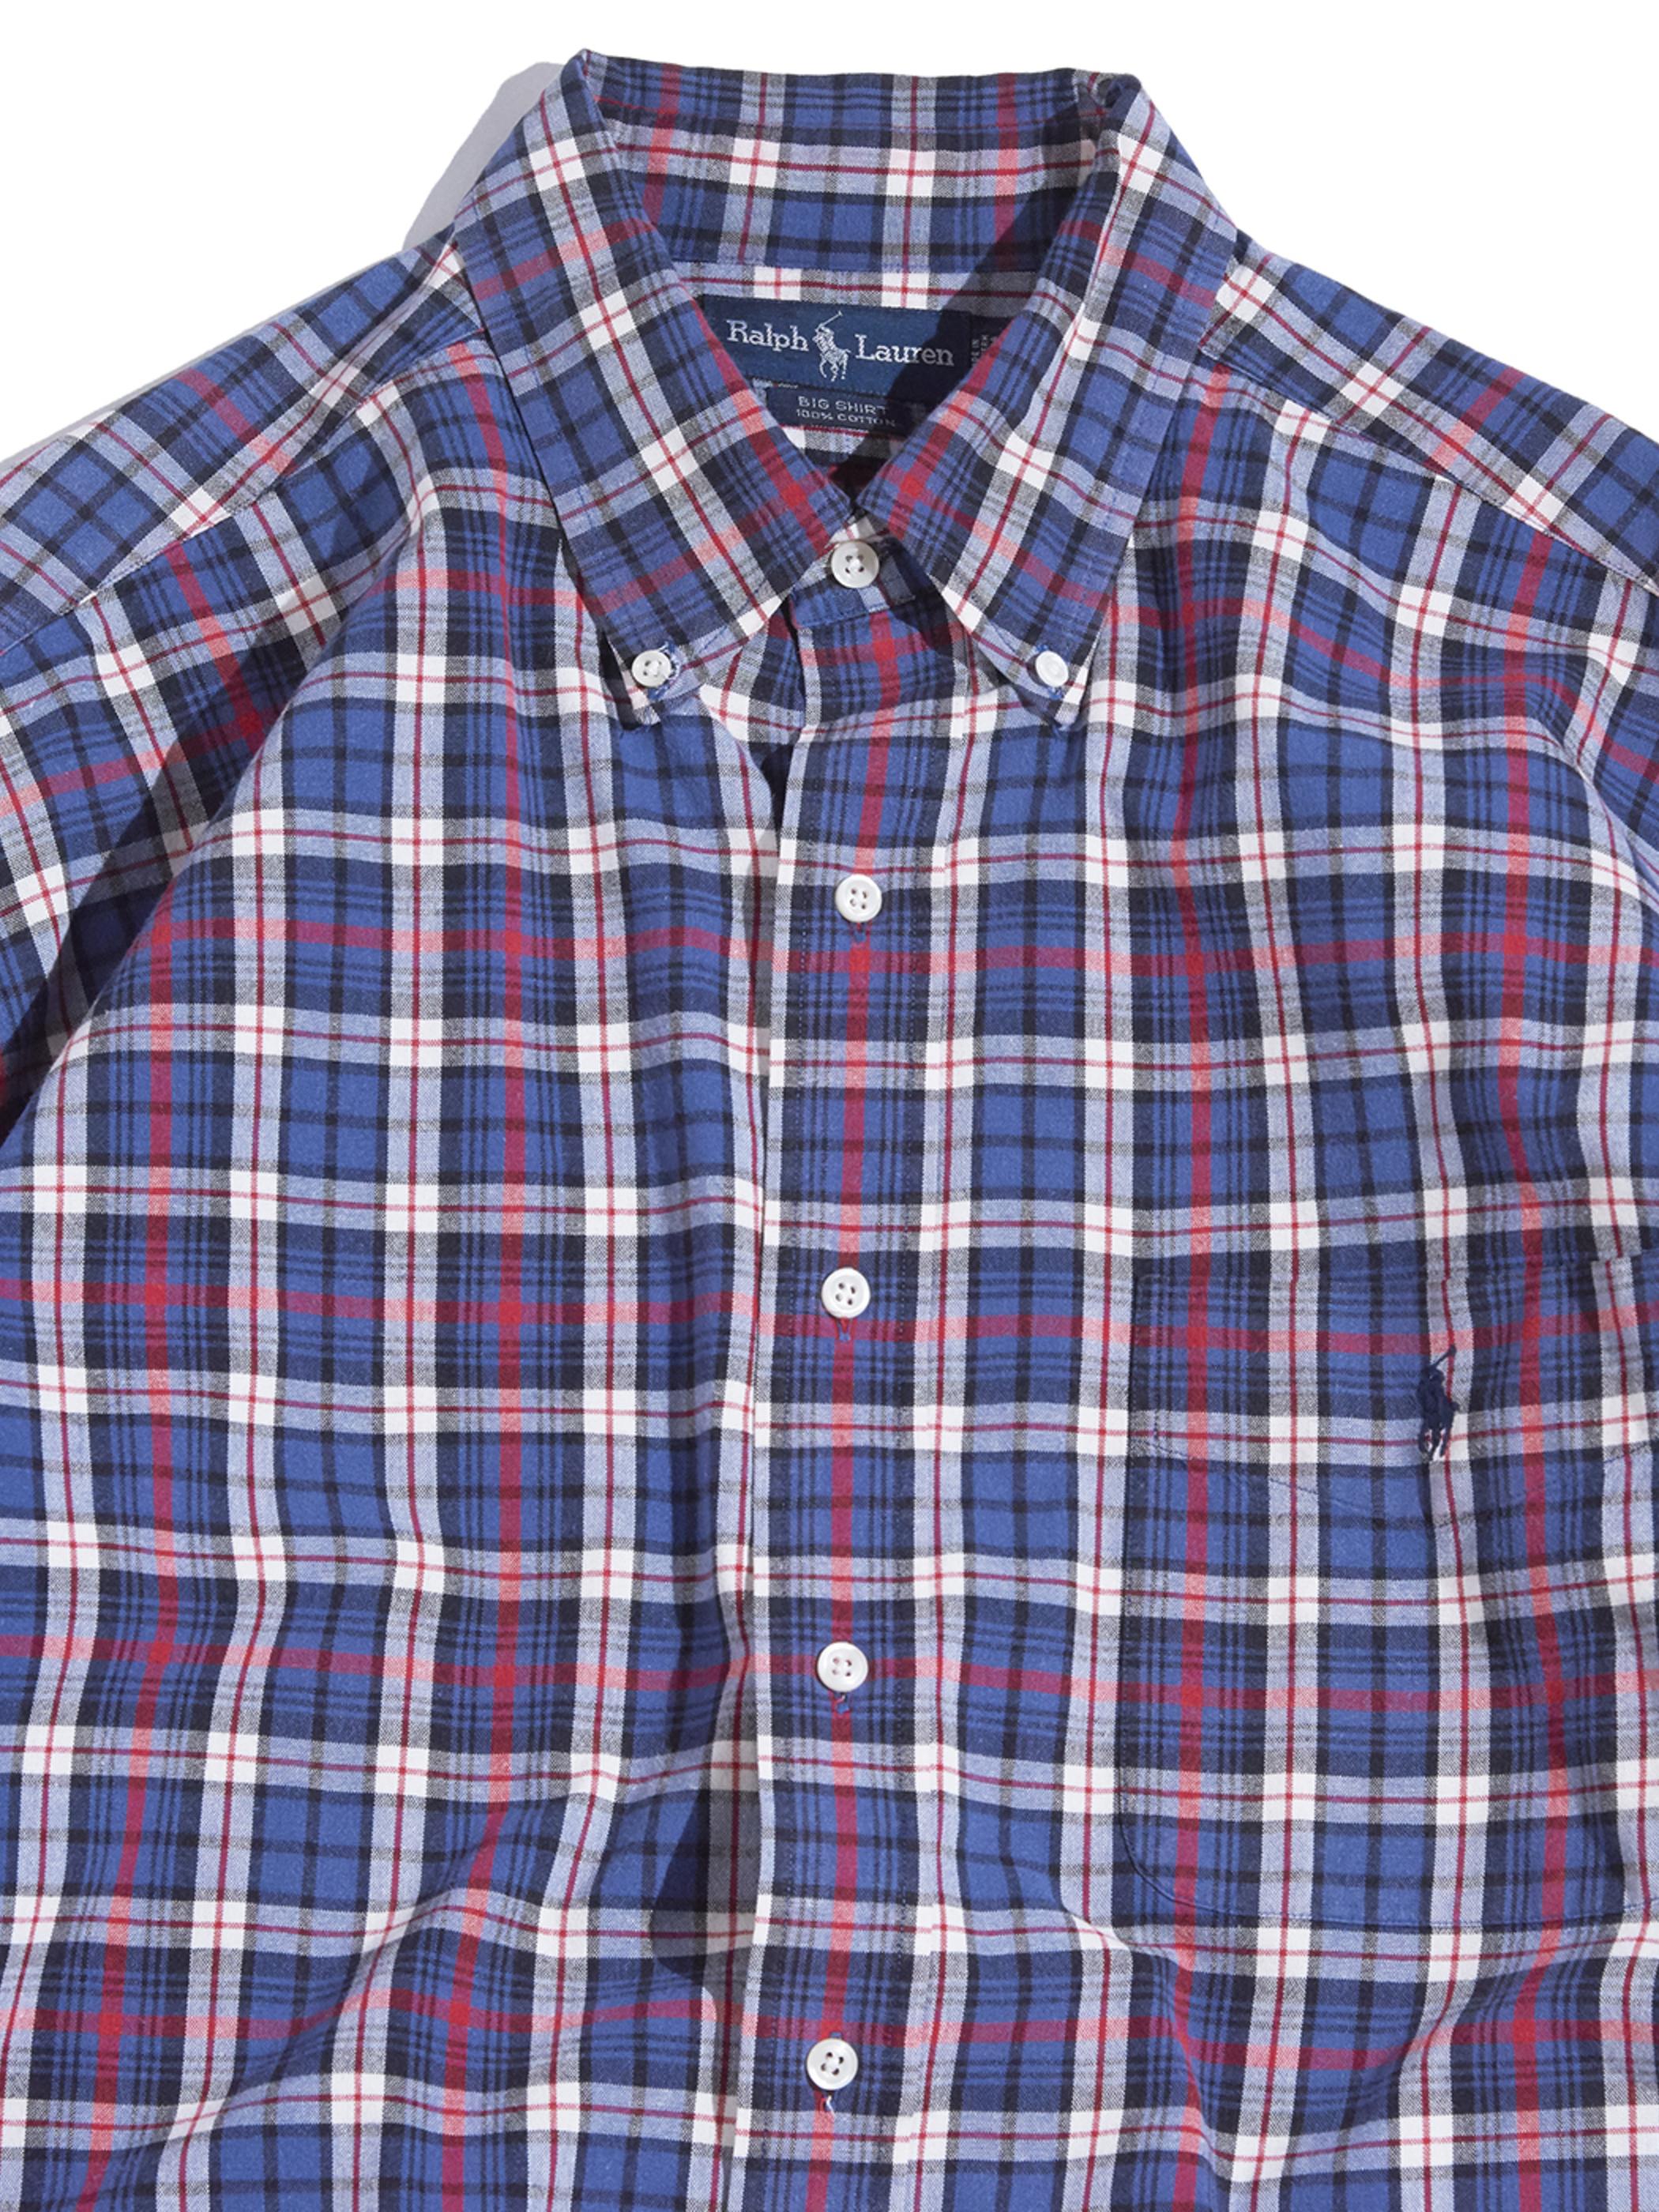 """1990s """"Ralph Lauren"""" BIG SHIRT cotton check B.D shirt -CHECK-"""